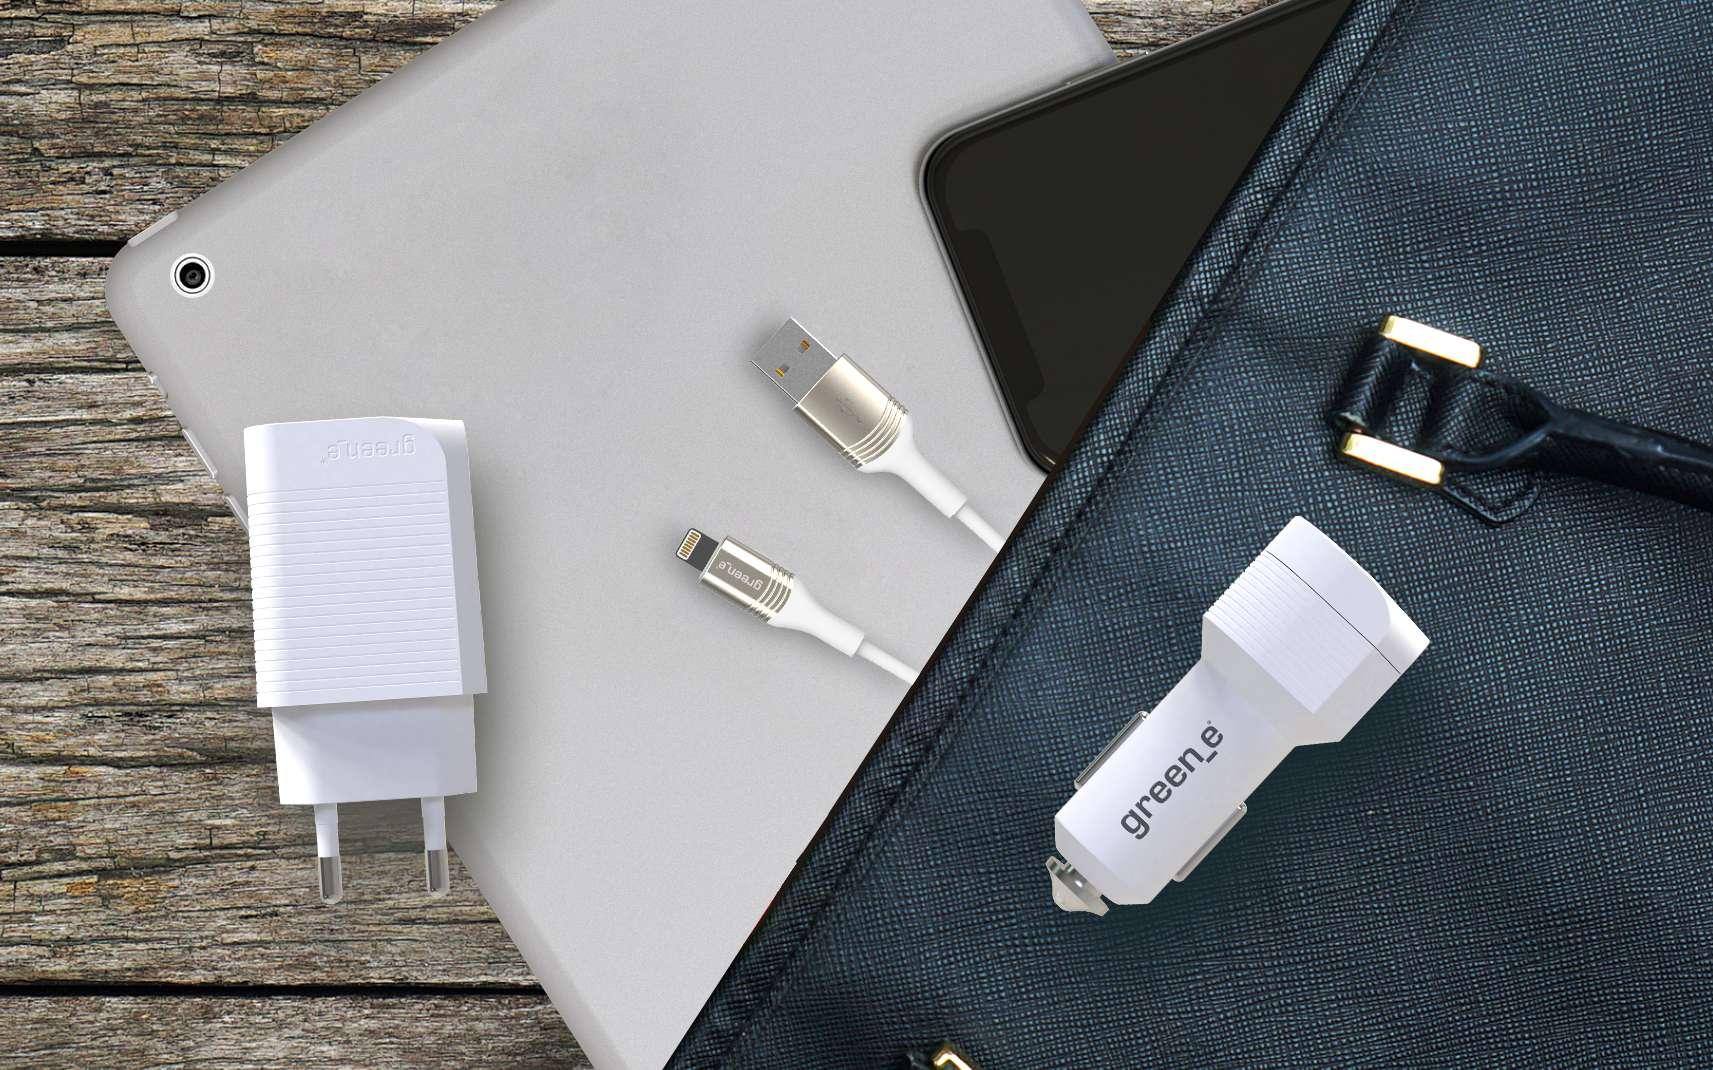 Les chargeurs et câbles biosourcés optimisent les cycles de charge d'une batterie d'un smartphone ou d'une tablette, tout en réduisant le temps de charge. ©Greene_e